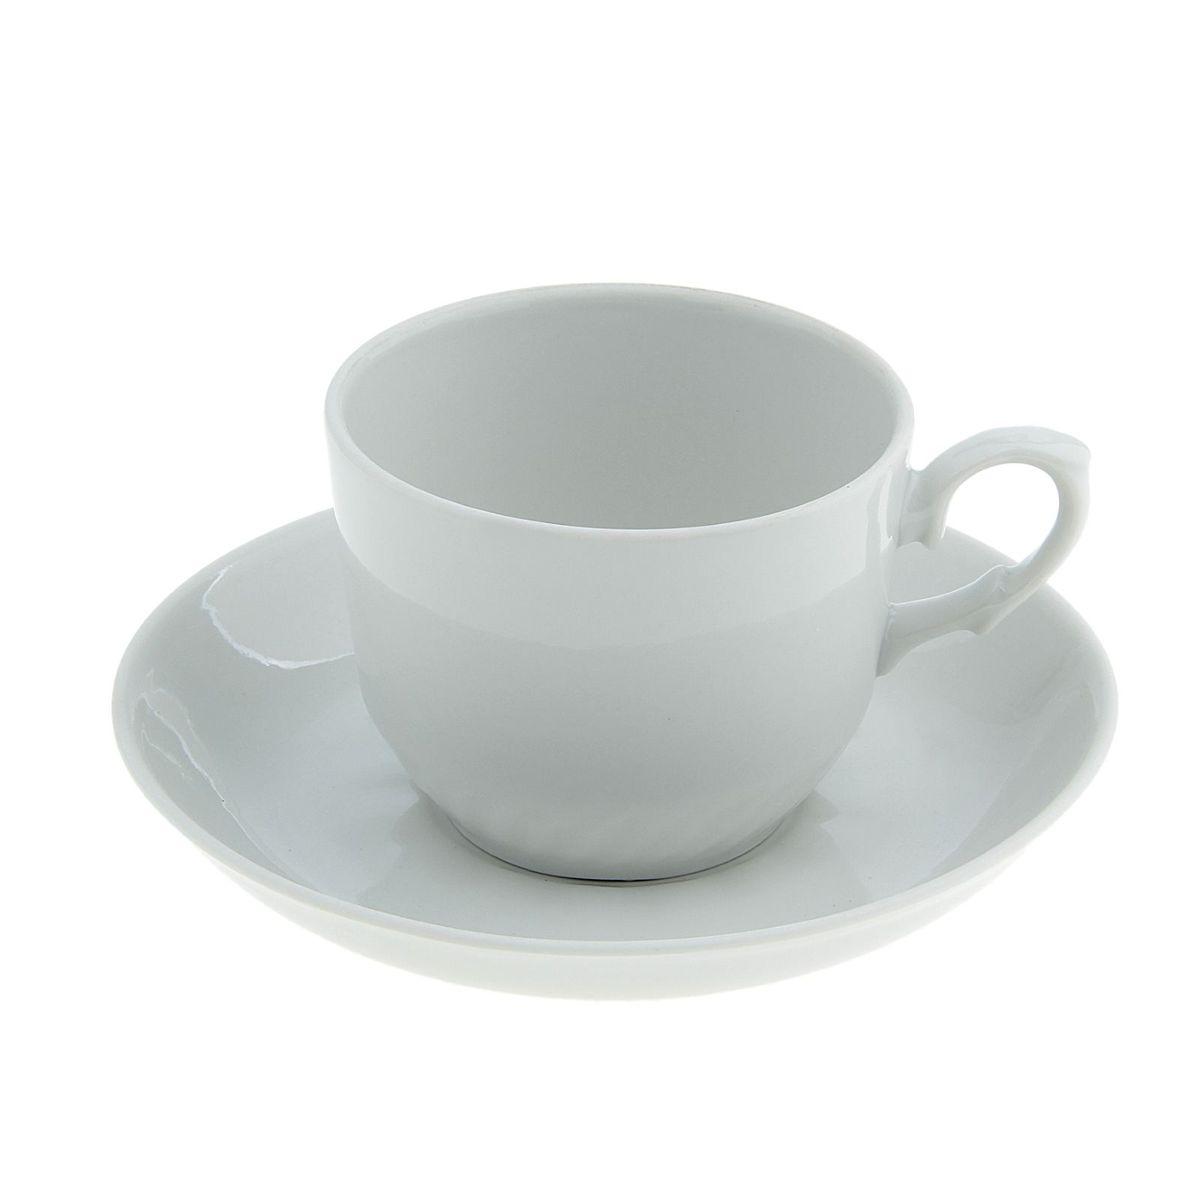 Чайная пара Кирмаш,. Белье, 2 предмета115510Чайная пара 250 мл (блюдце+чашка), Кирмаш, бельё 1-2сорт